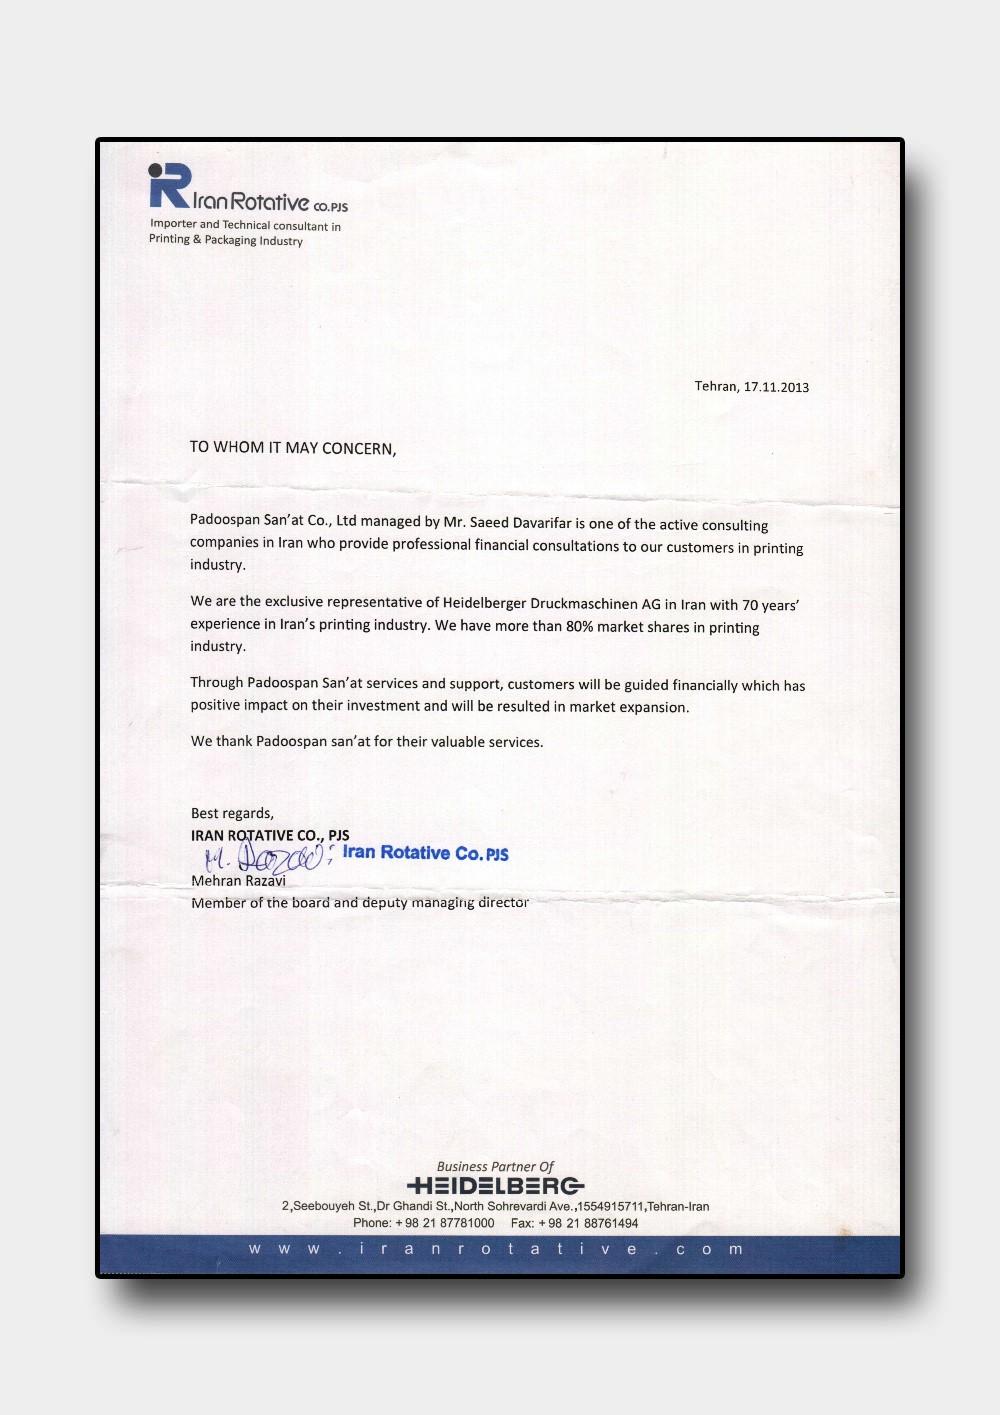 تقدیر نامه شرکت ایران روتاتیو